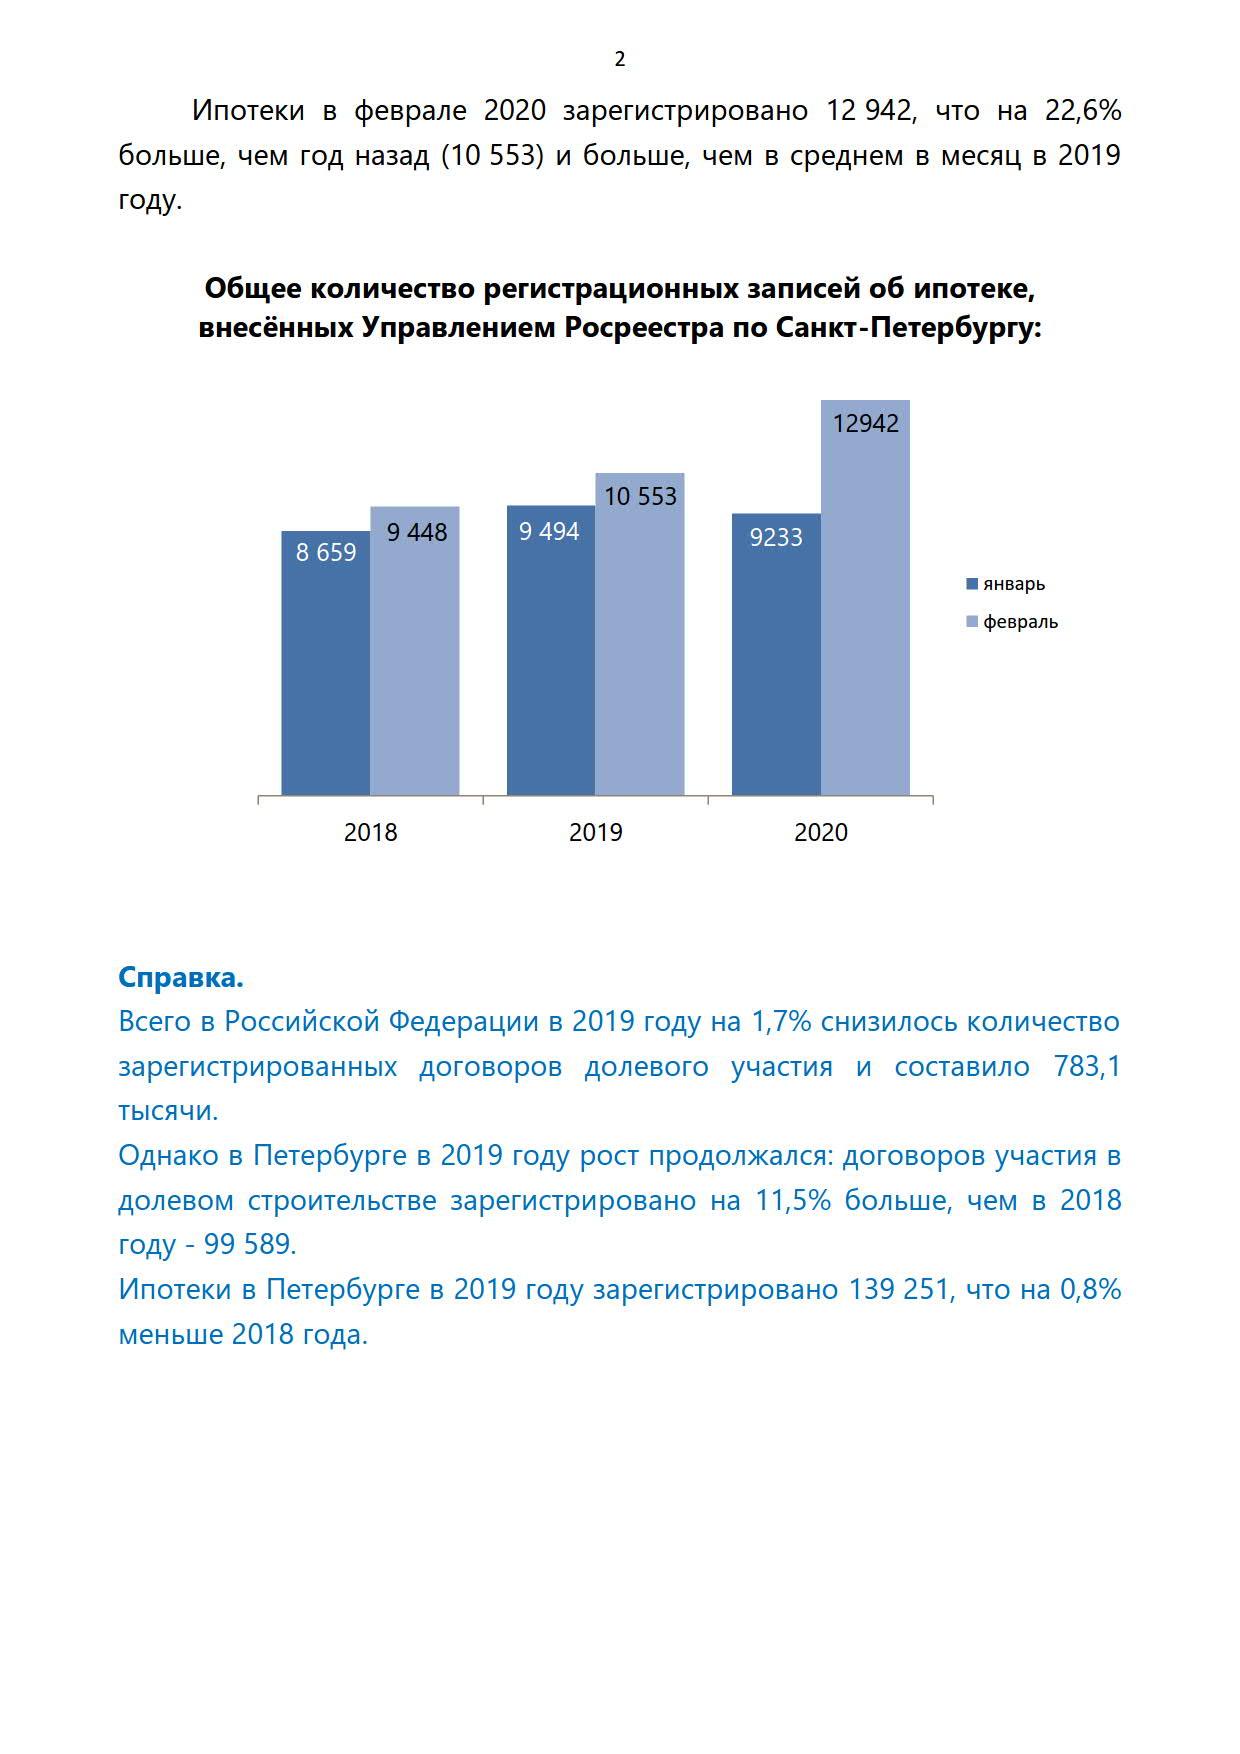 Февраль 2020. в Петербурге договоров долевого участия меньше, ипотека выросла_2